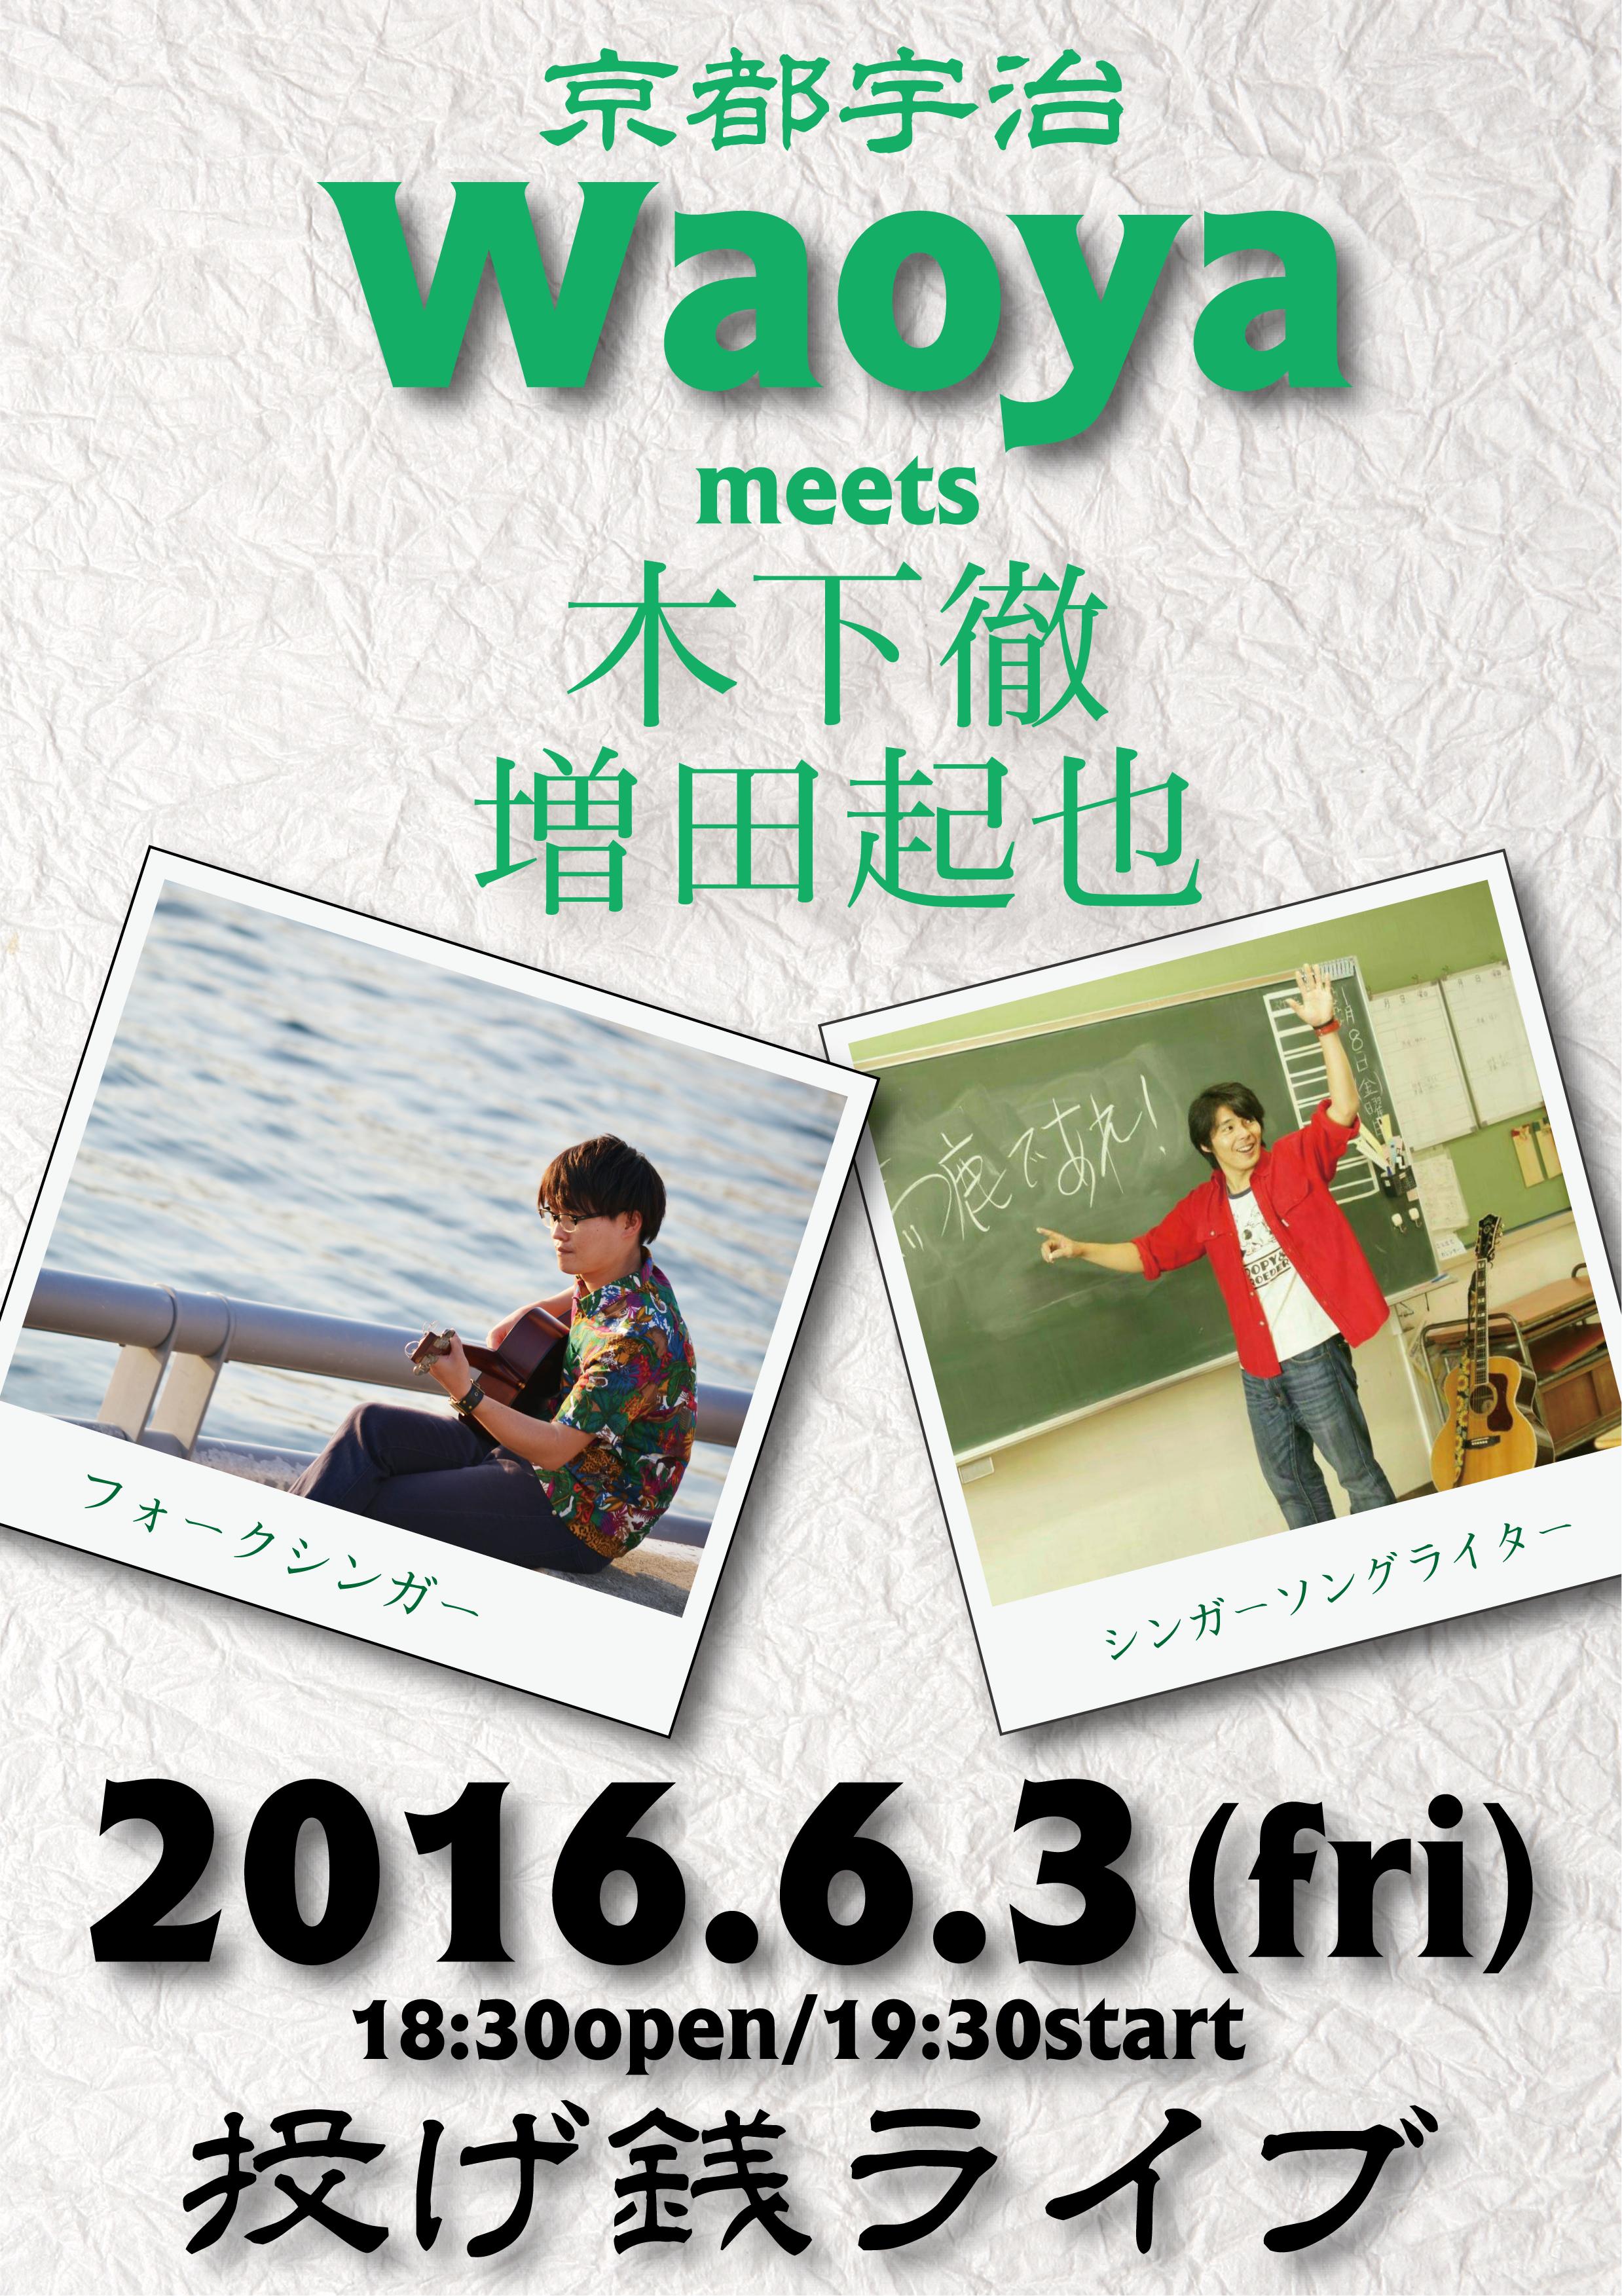 2016.06.03 ツーマンライブ with 増田起也投げ銭ライブ!@宇治Waoya(京都)